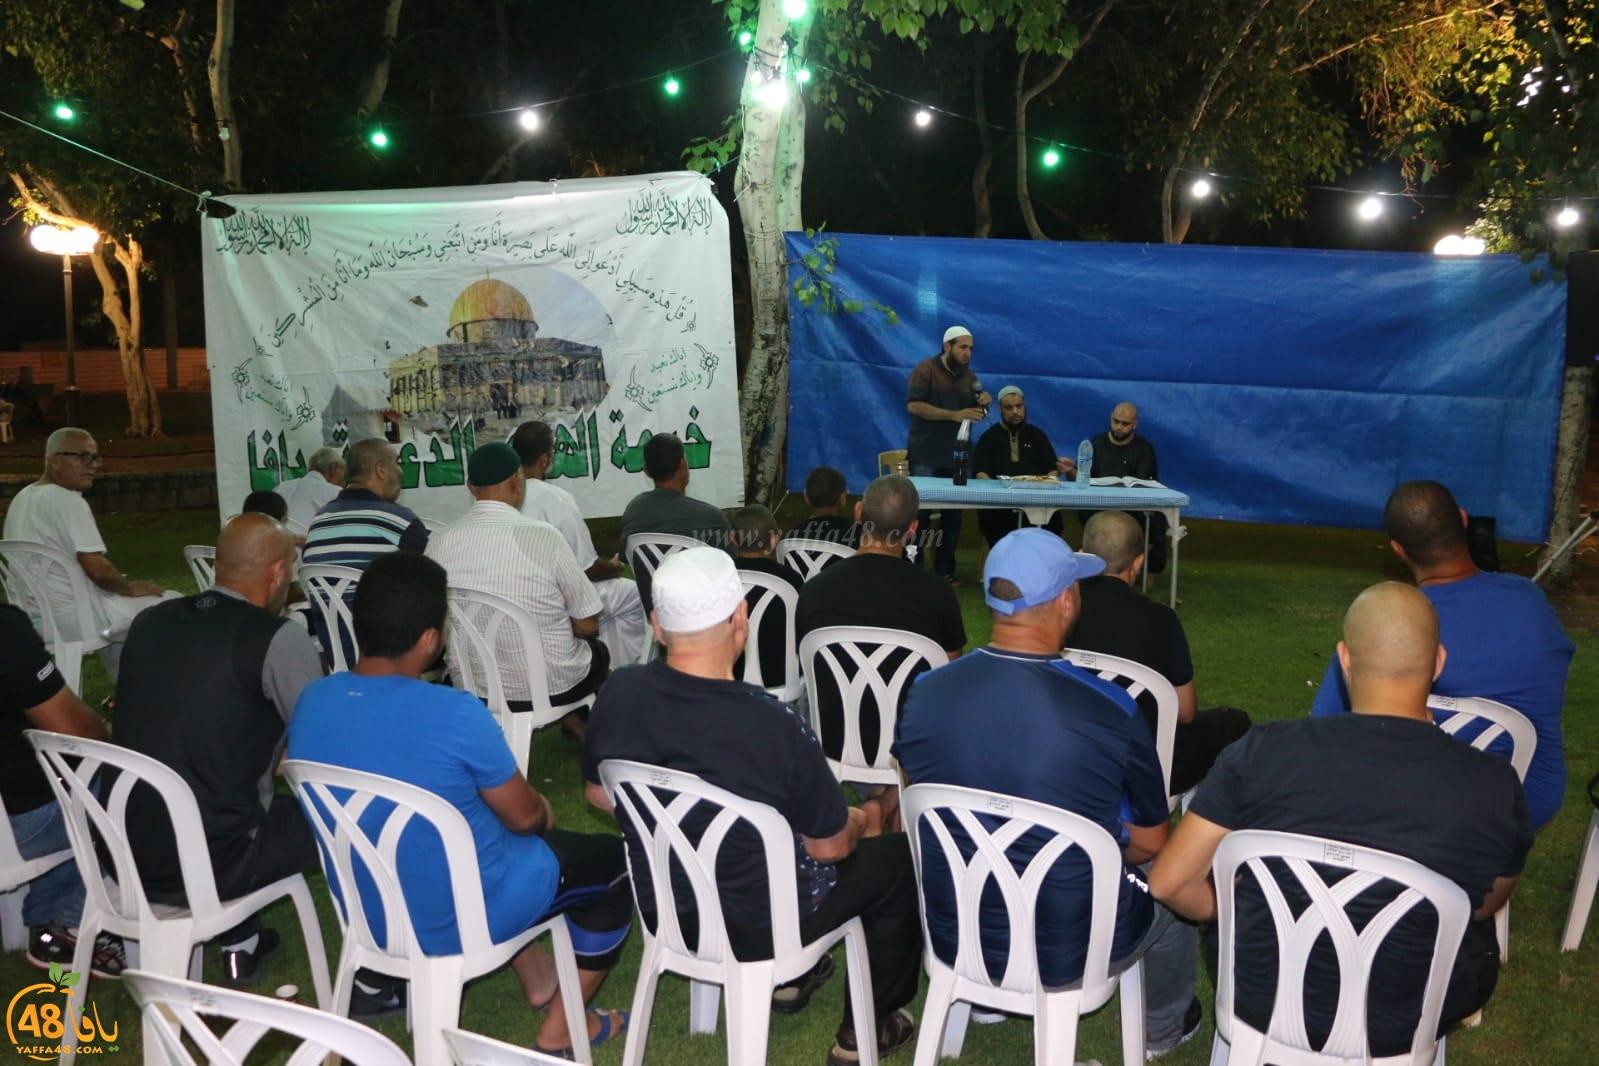 بالصور: خيمة الهدى الدعوية تُنظم أمسية دينية في حديقة العجمي بيافا